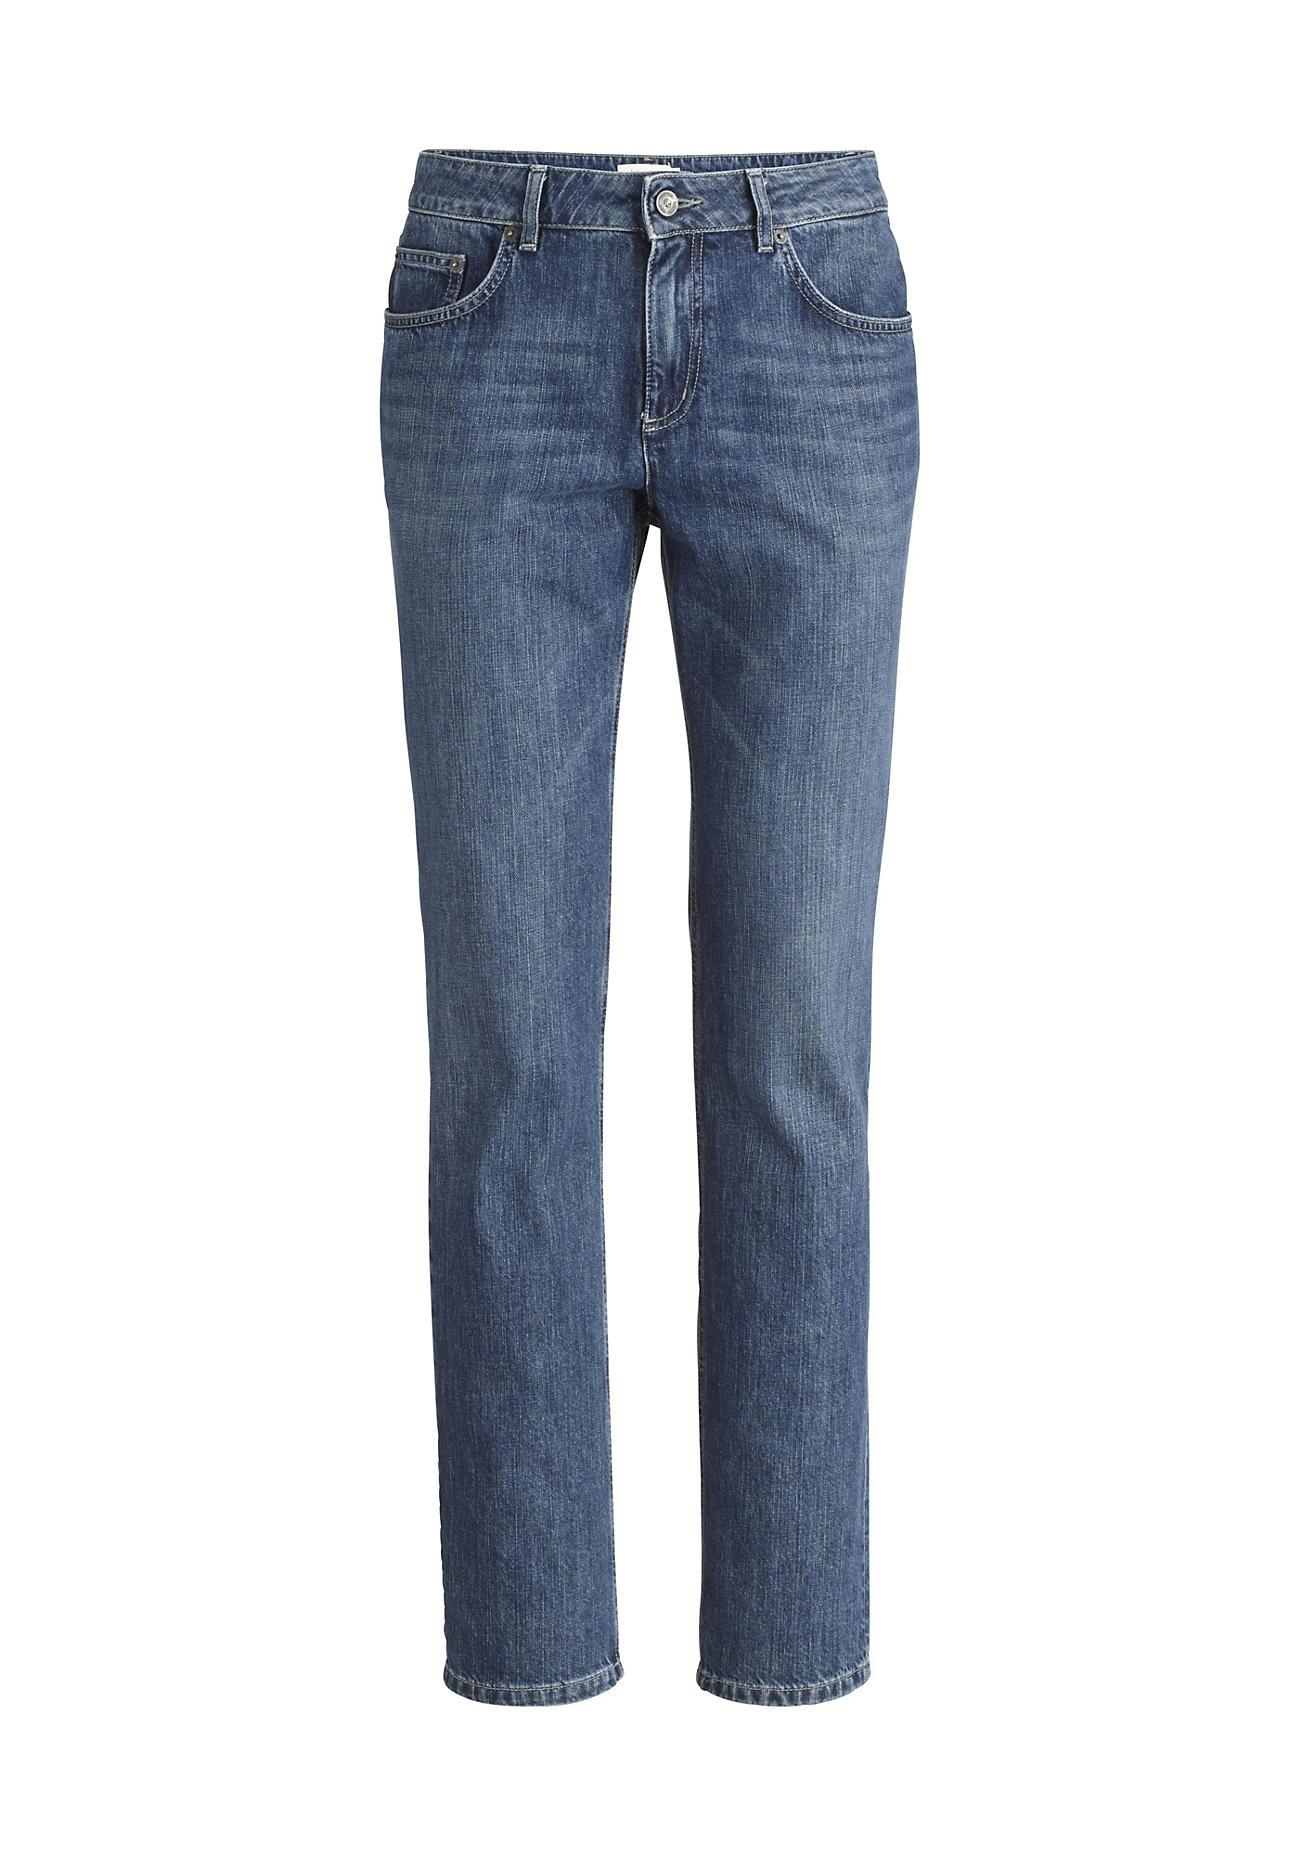 hessnatur Herren Jeans Straight Fit aus Bio-Denim – blau – Größe 40/34